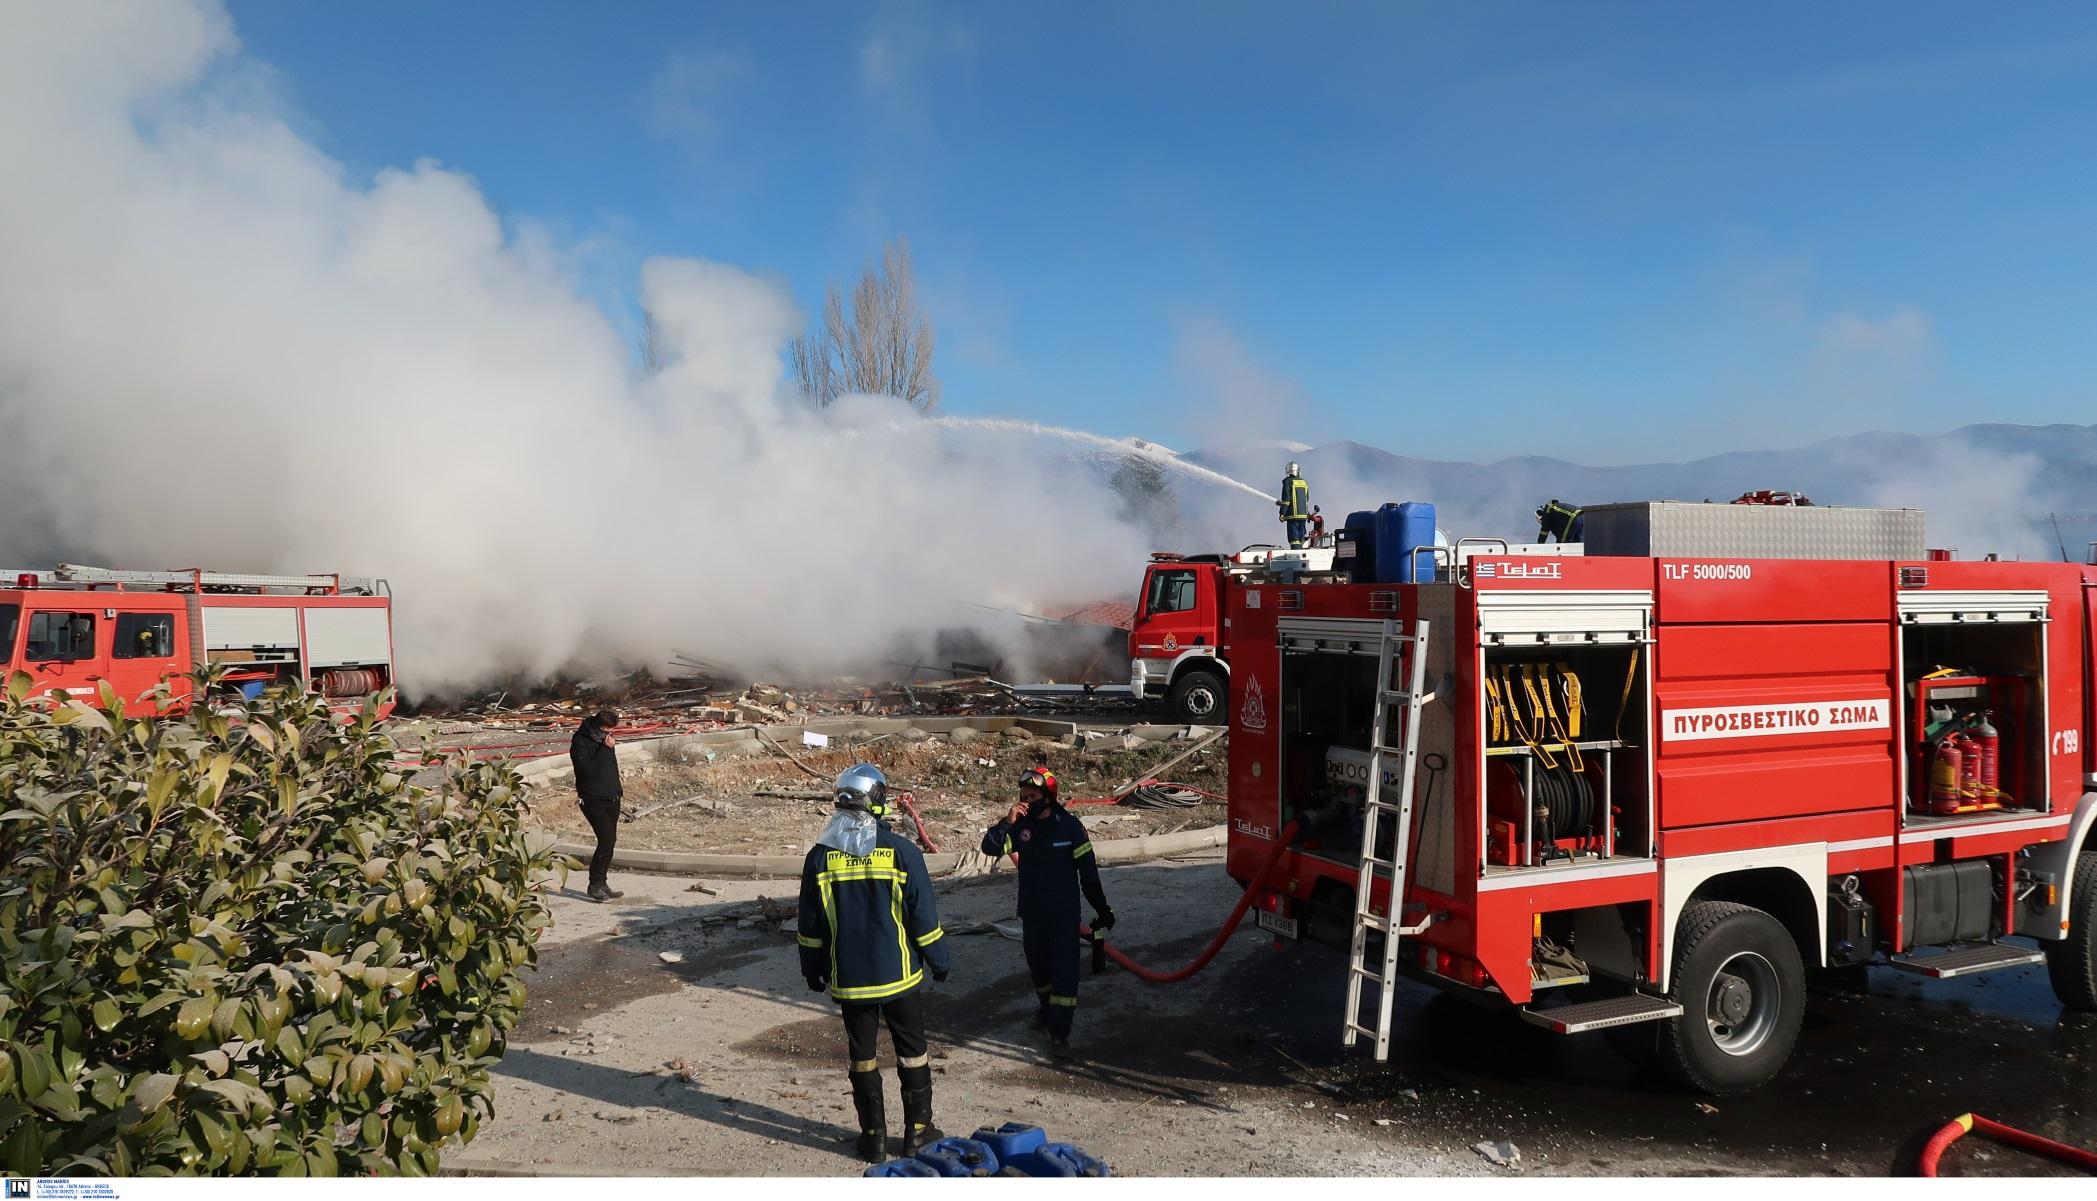 Ηράκλειο: Πήγαν να σβήσουν τη φωτιά, αλλά αναγκάστηκαν να γυρίσουν πίσω